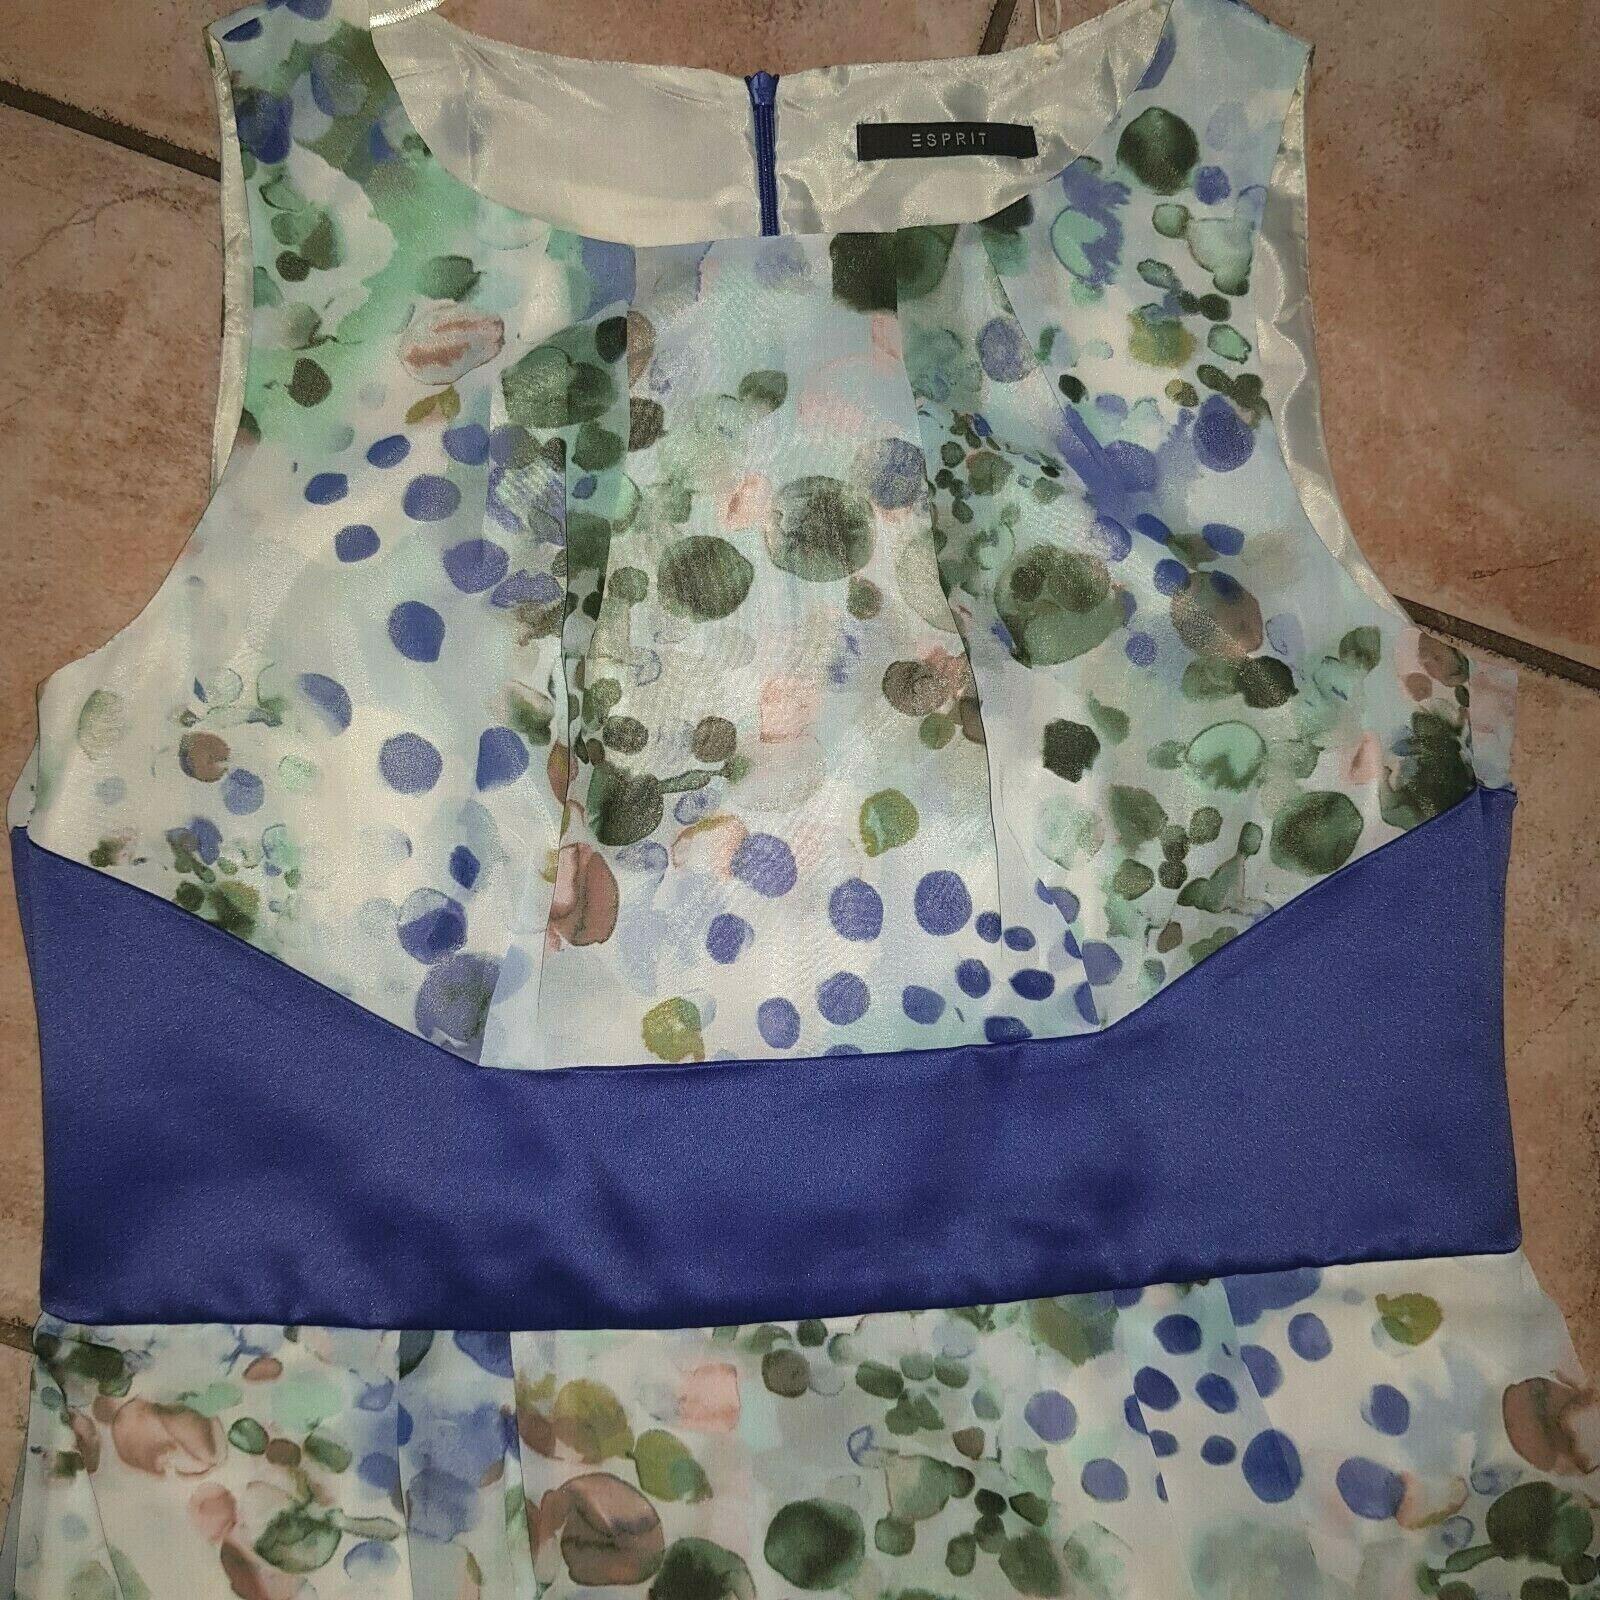 Kleid knielange Form Gr. 42 Esprit gemustert Etuikleid ungetragen